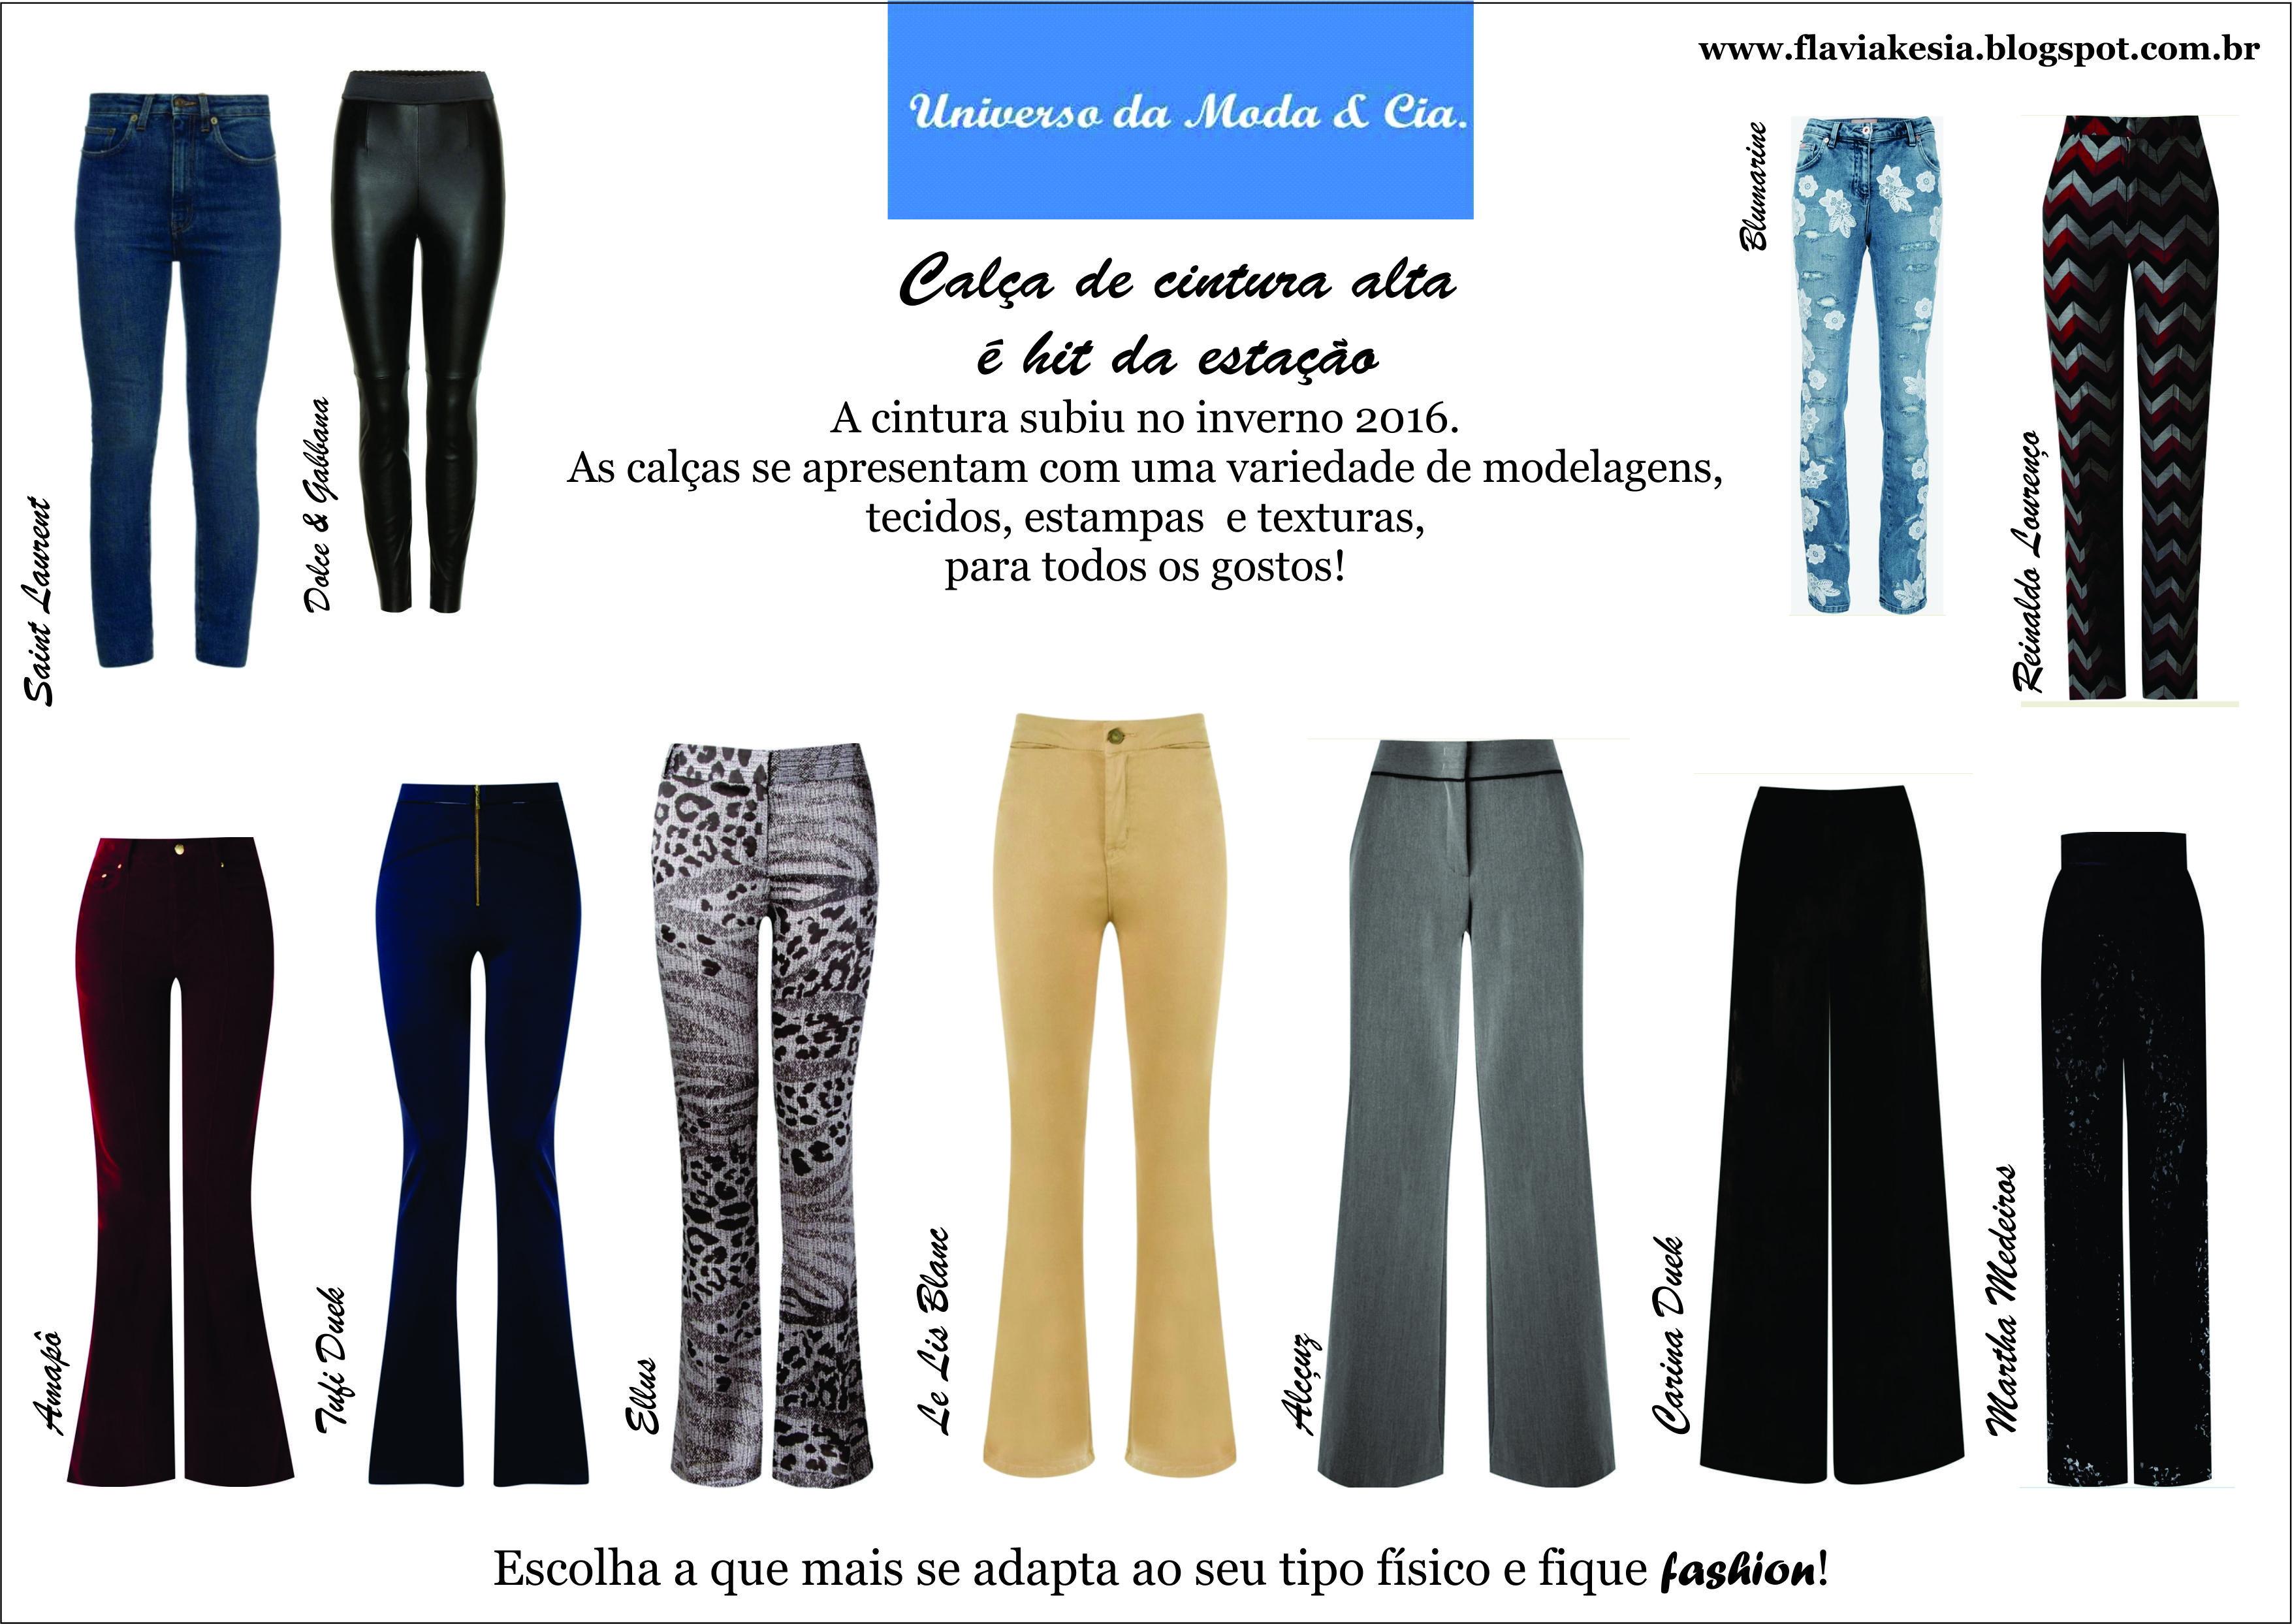 Calça de cintura alta está na moda. Confira mais detalhes no blog Universo da Moda & Cia.